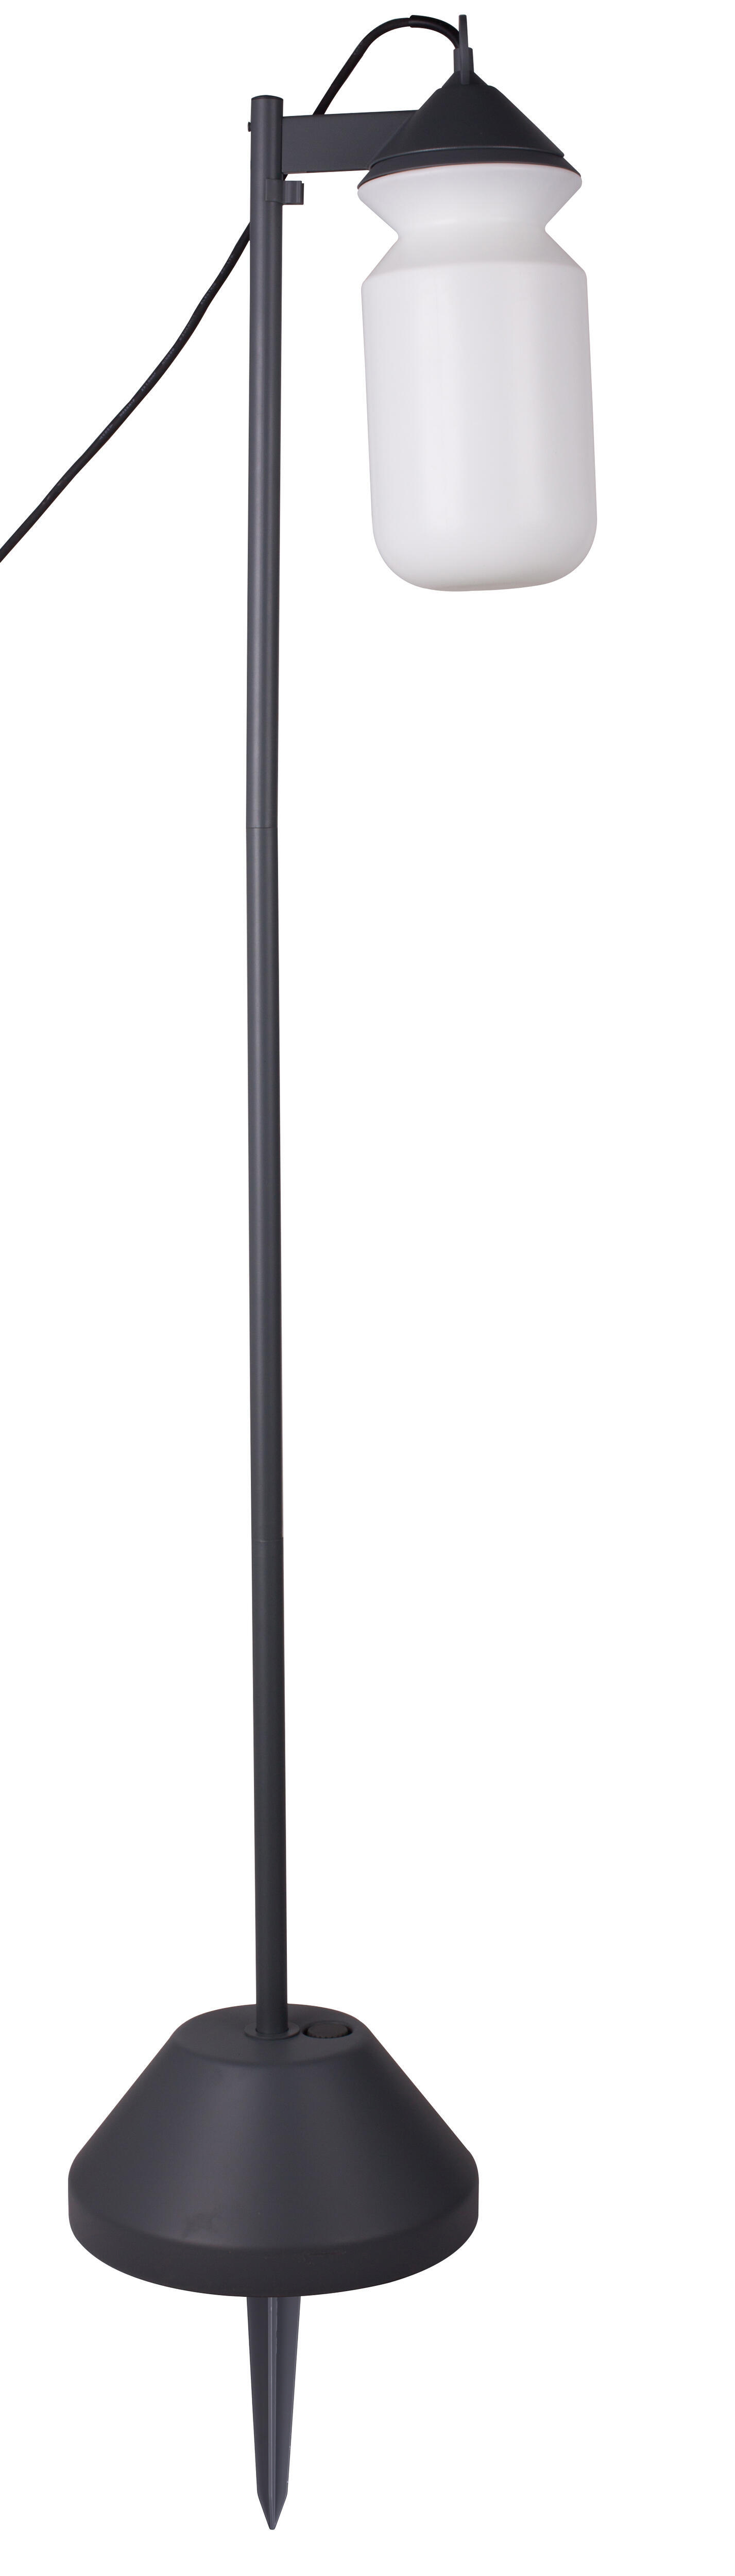 Lampada da esterno H 155 cm, in alluminio, E27 IP44 INSPIRE - 11